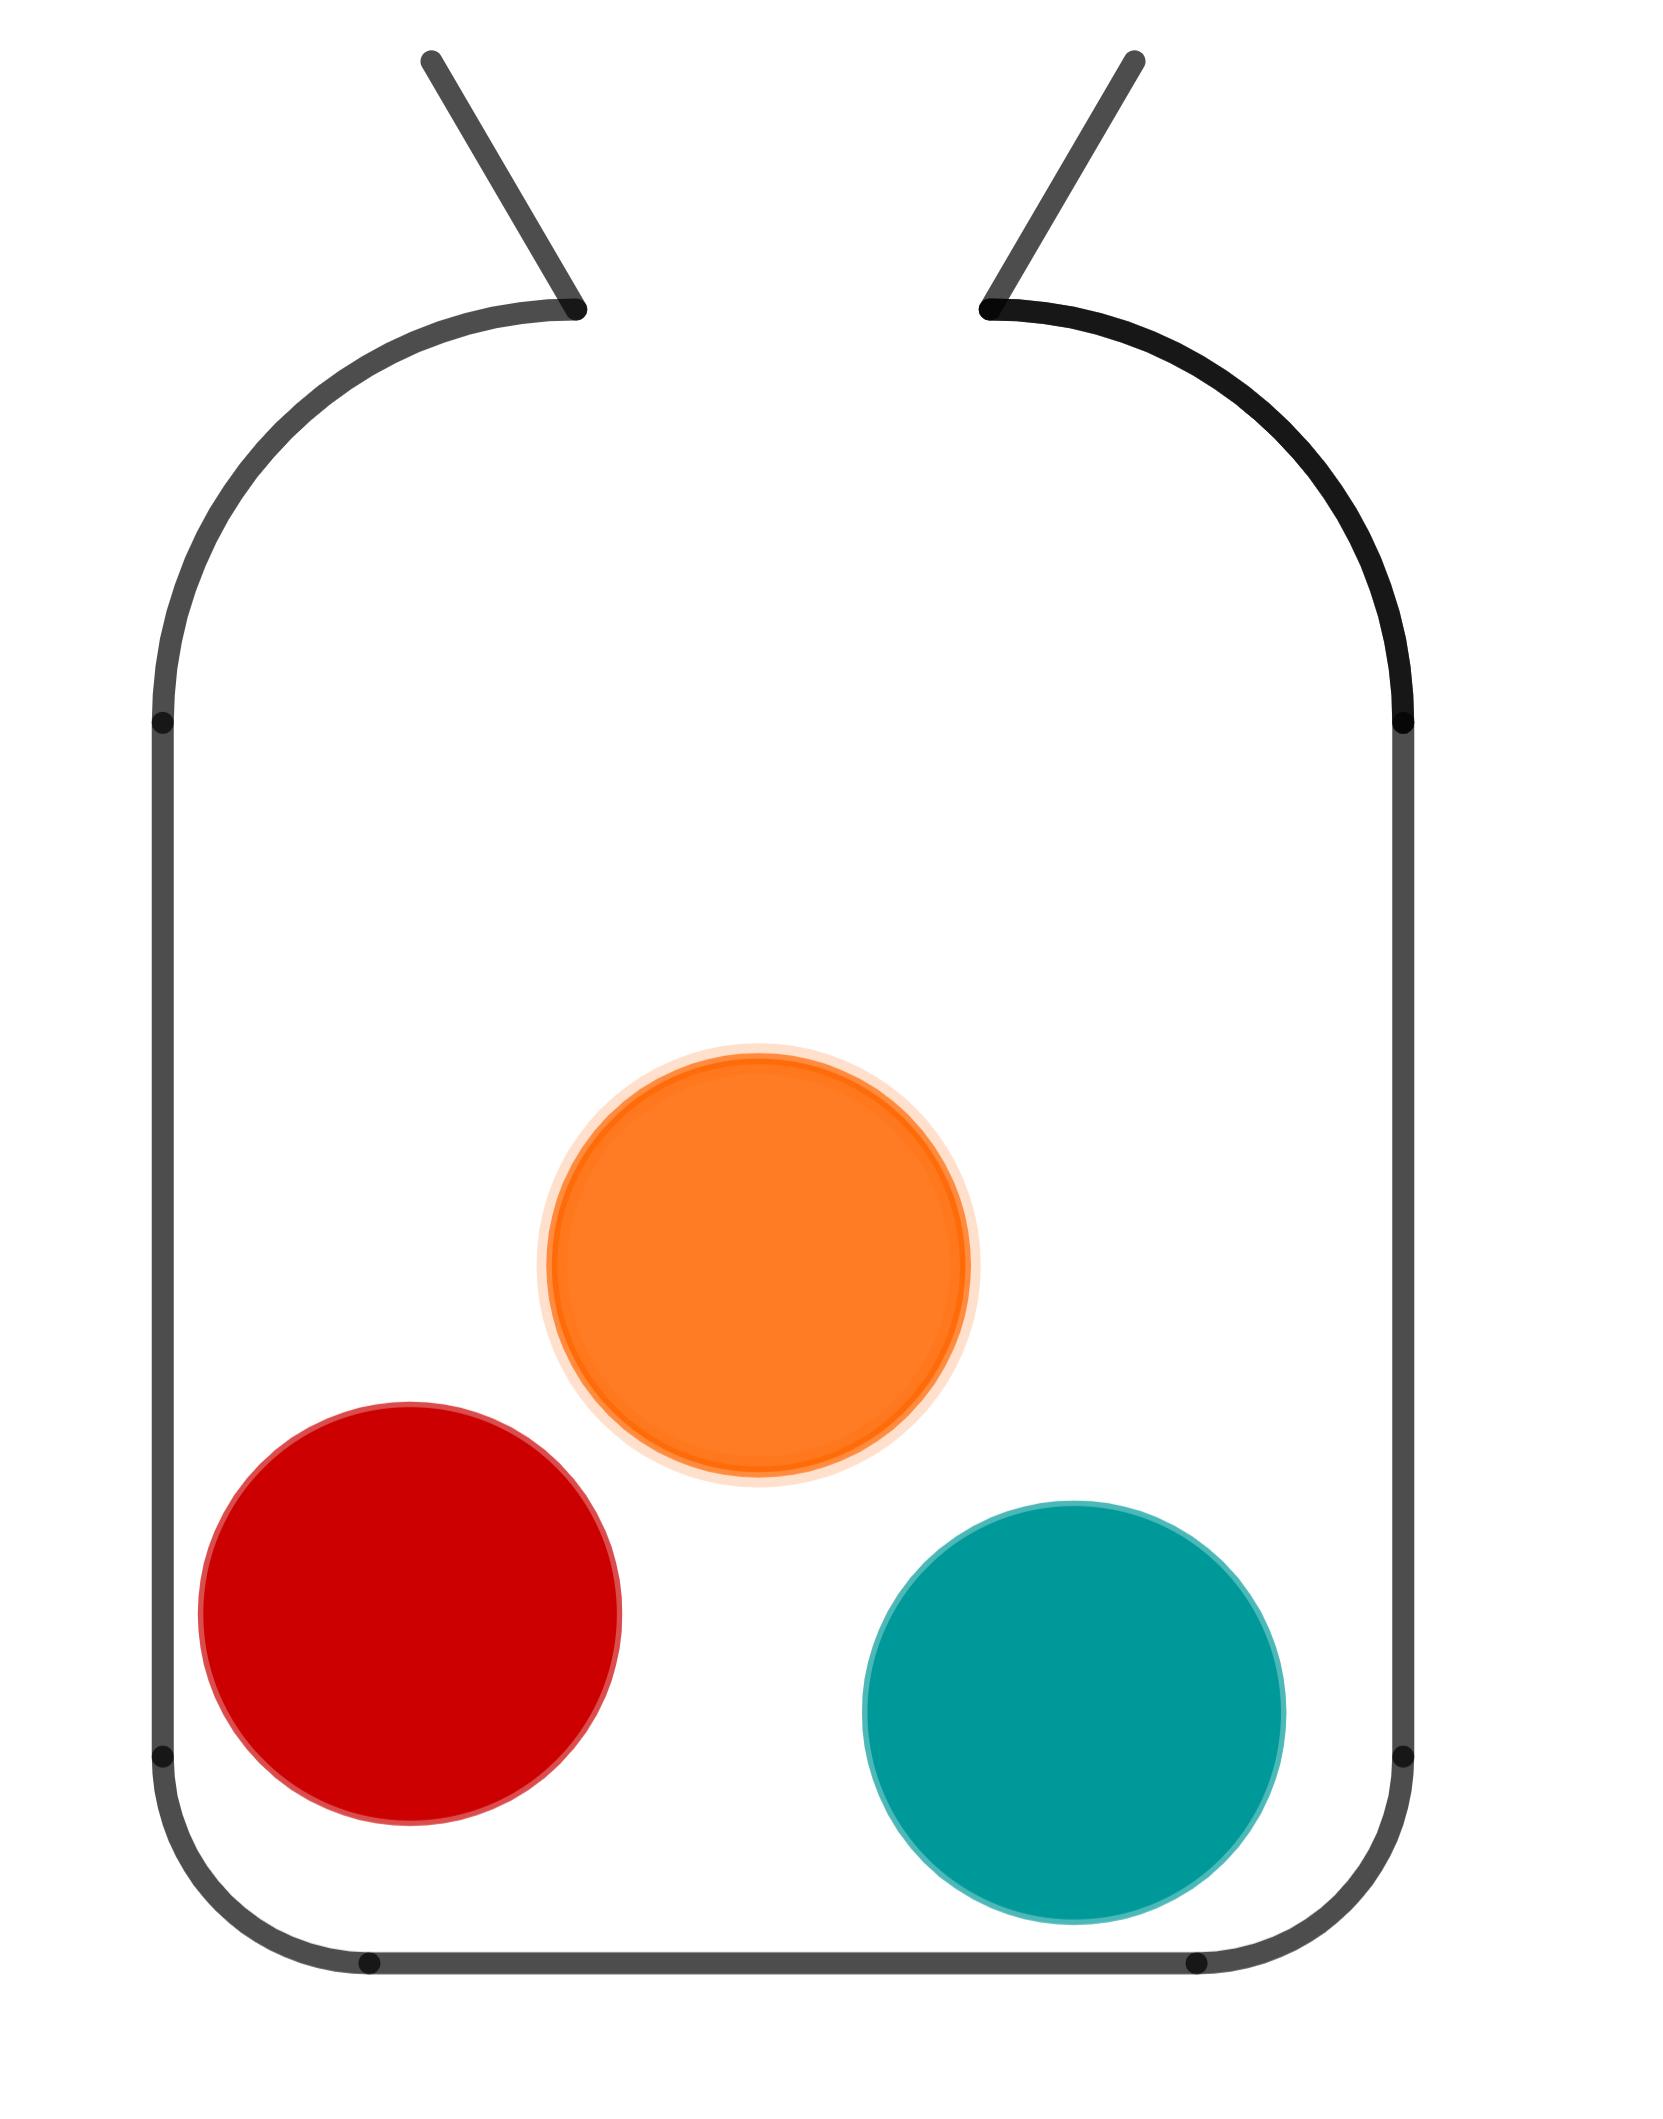 Urne mit einer roten, einer blauen und einer gelben Kugel